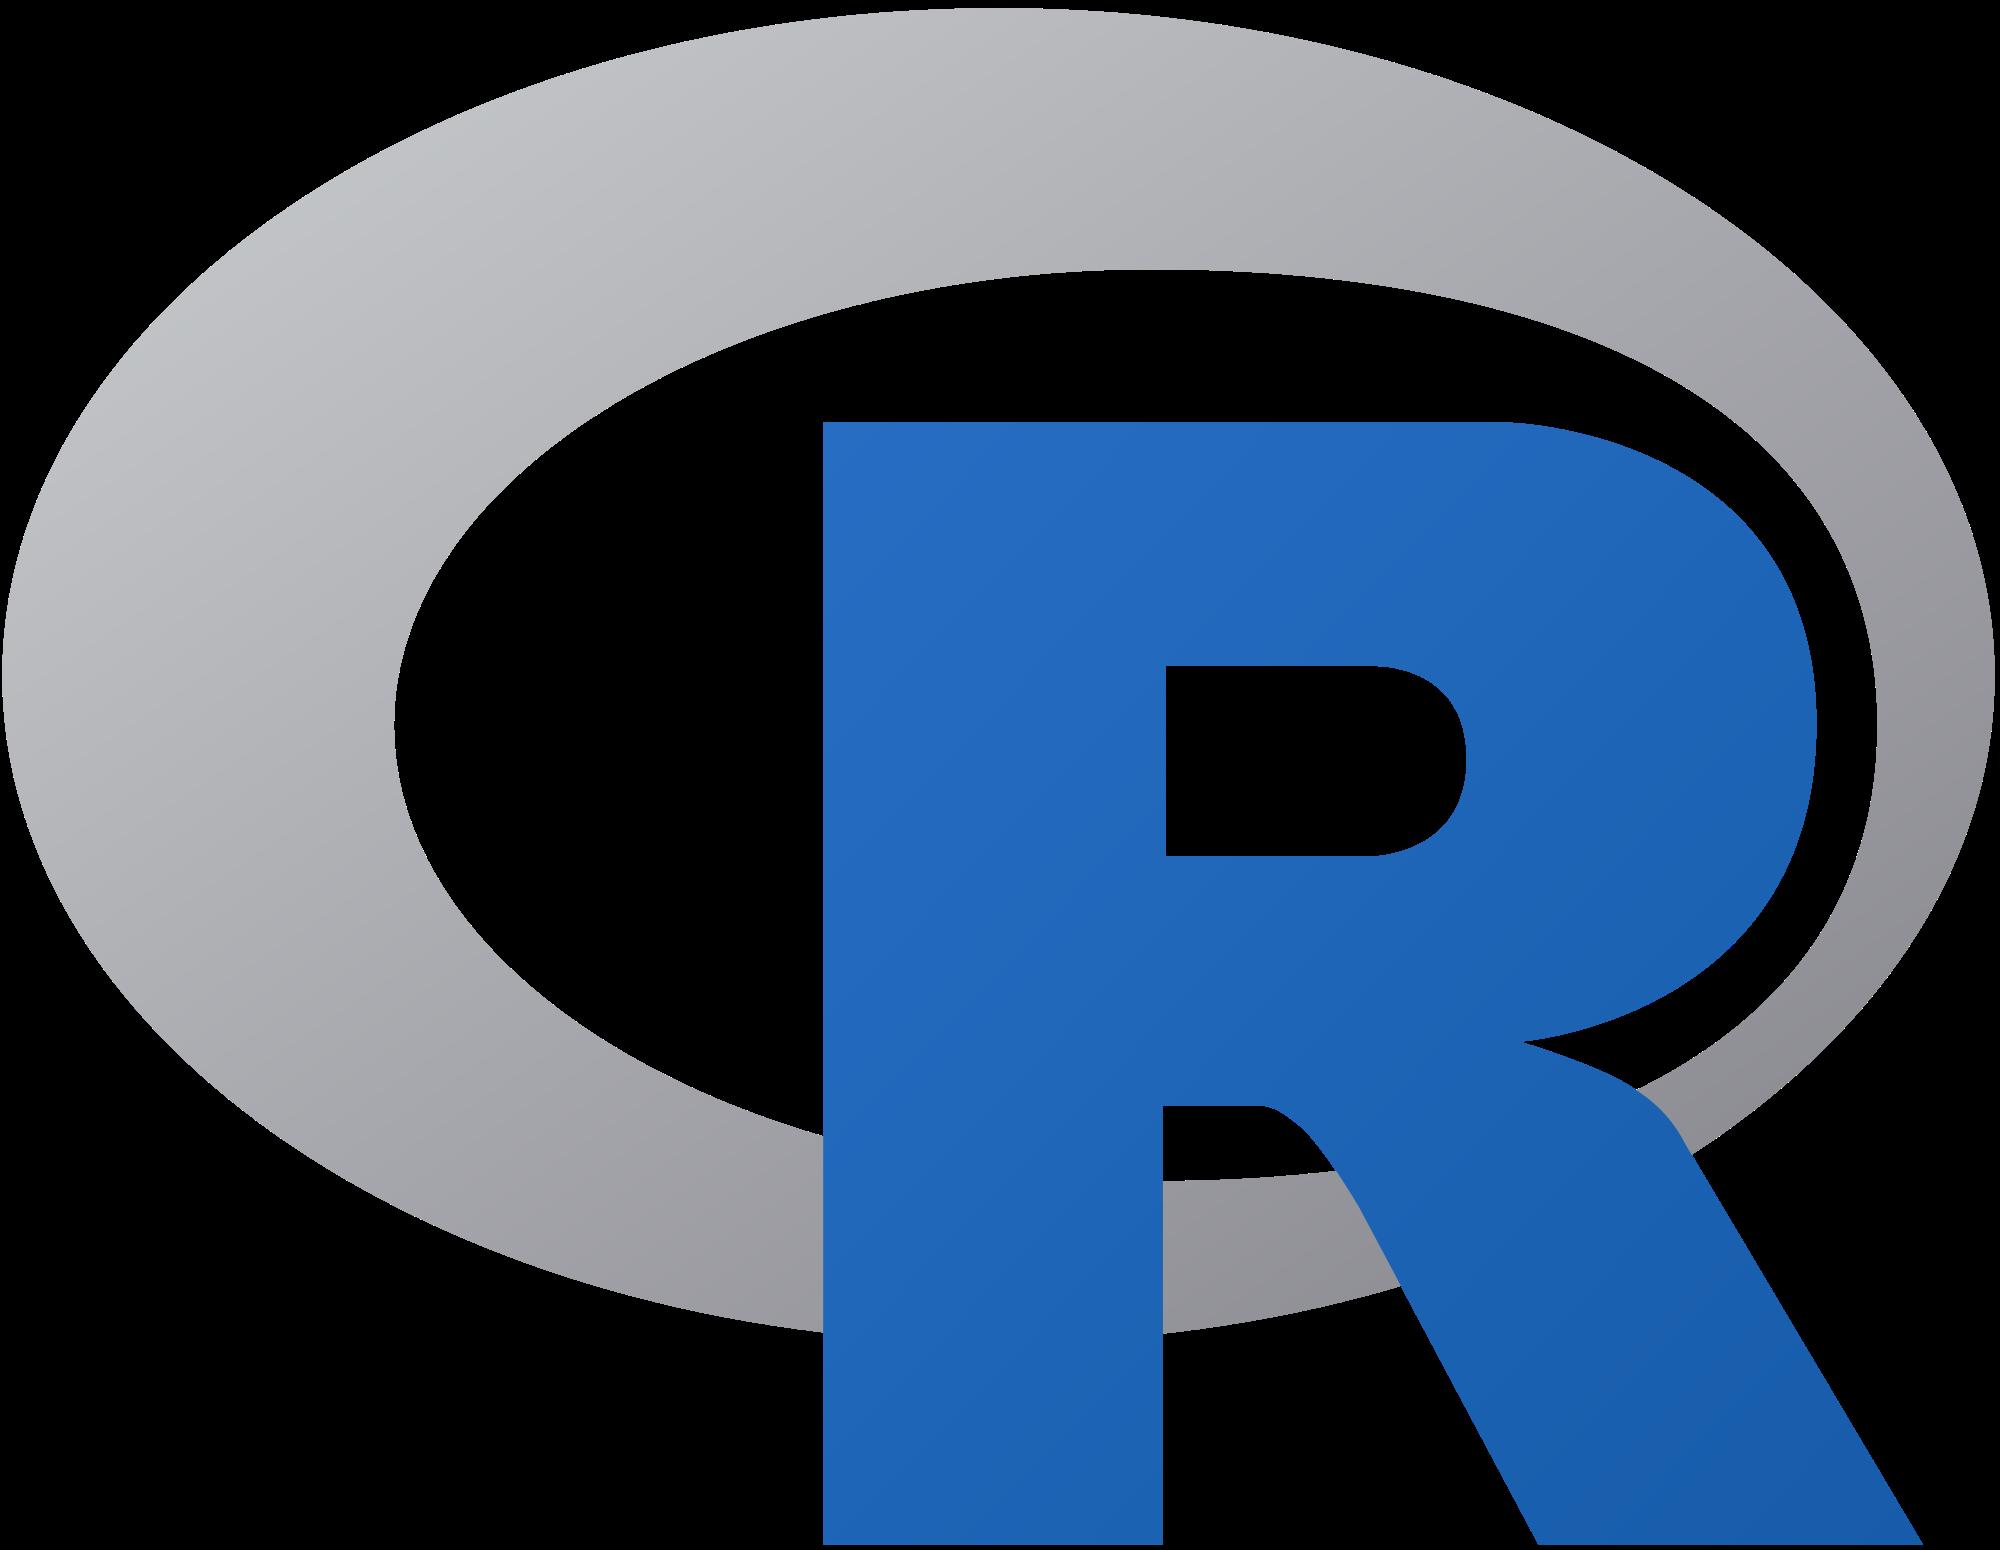 Kompakte Einführung in die Datenanalyse mit R - für angehende data scientists Logo